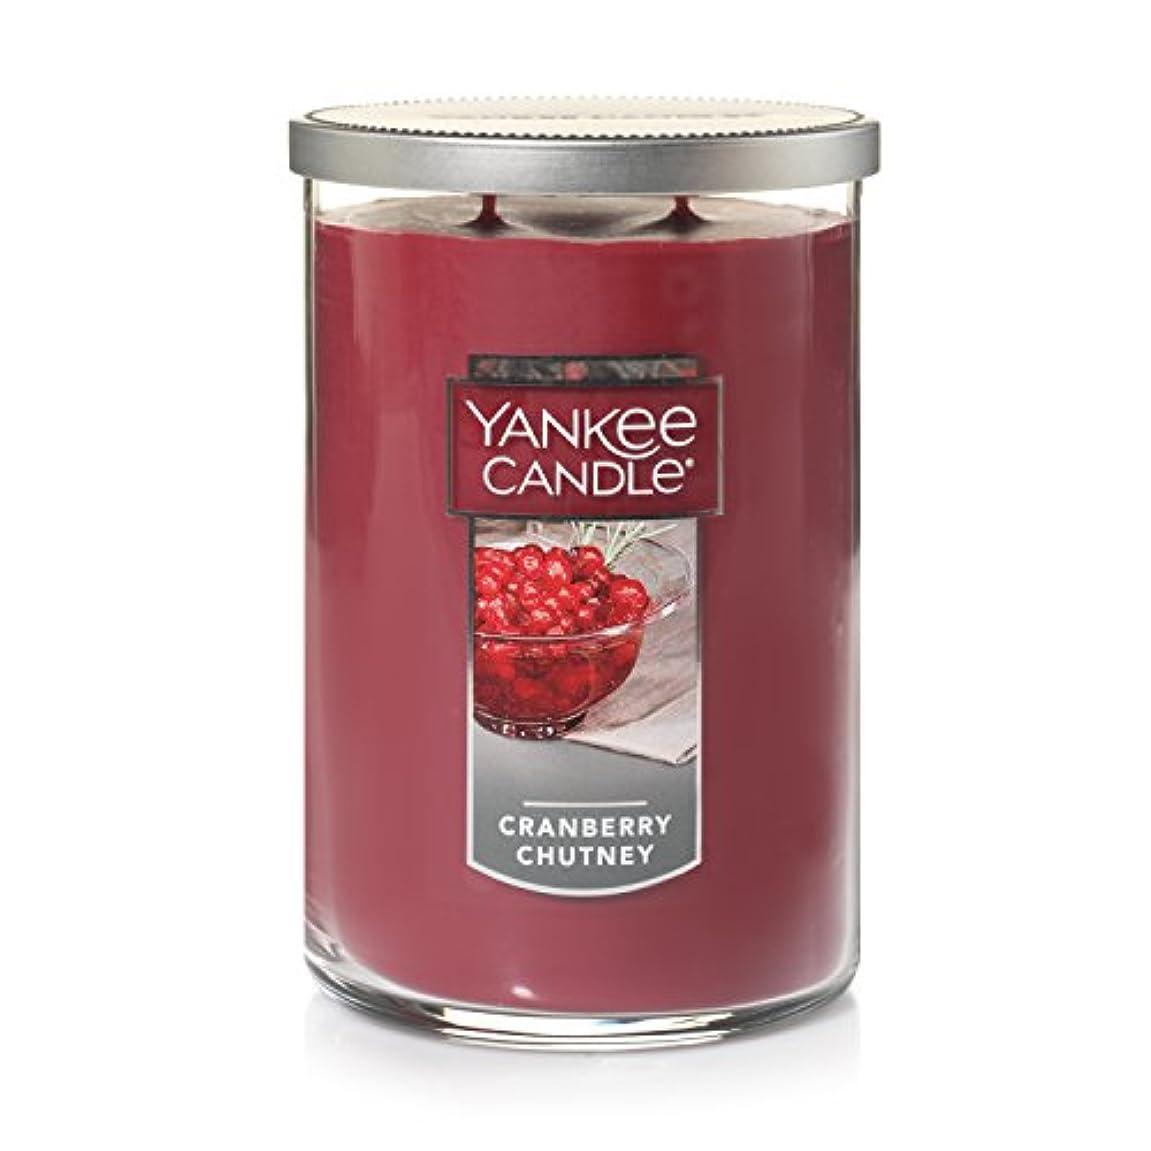 特定の力やがてYankee CandleクランベリーChutney、フルーツ香り Large 2-Wick Tumbler Candle オレンジ 1123208